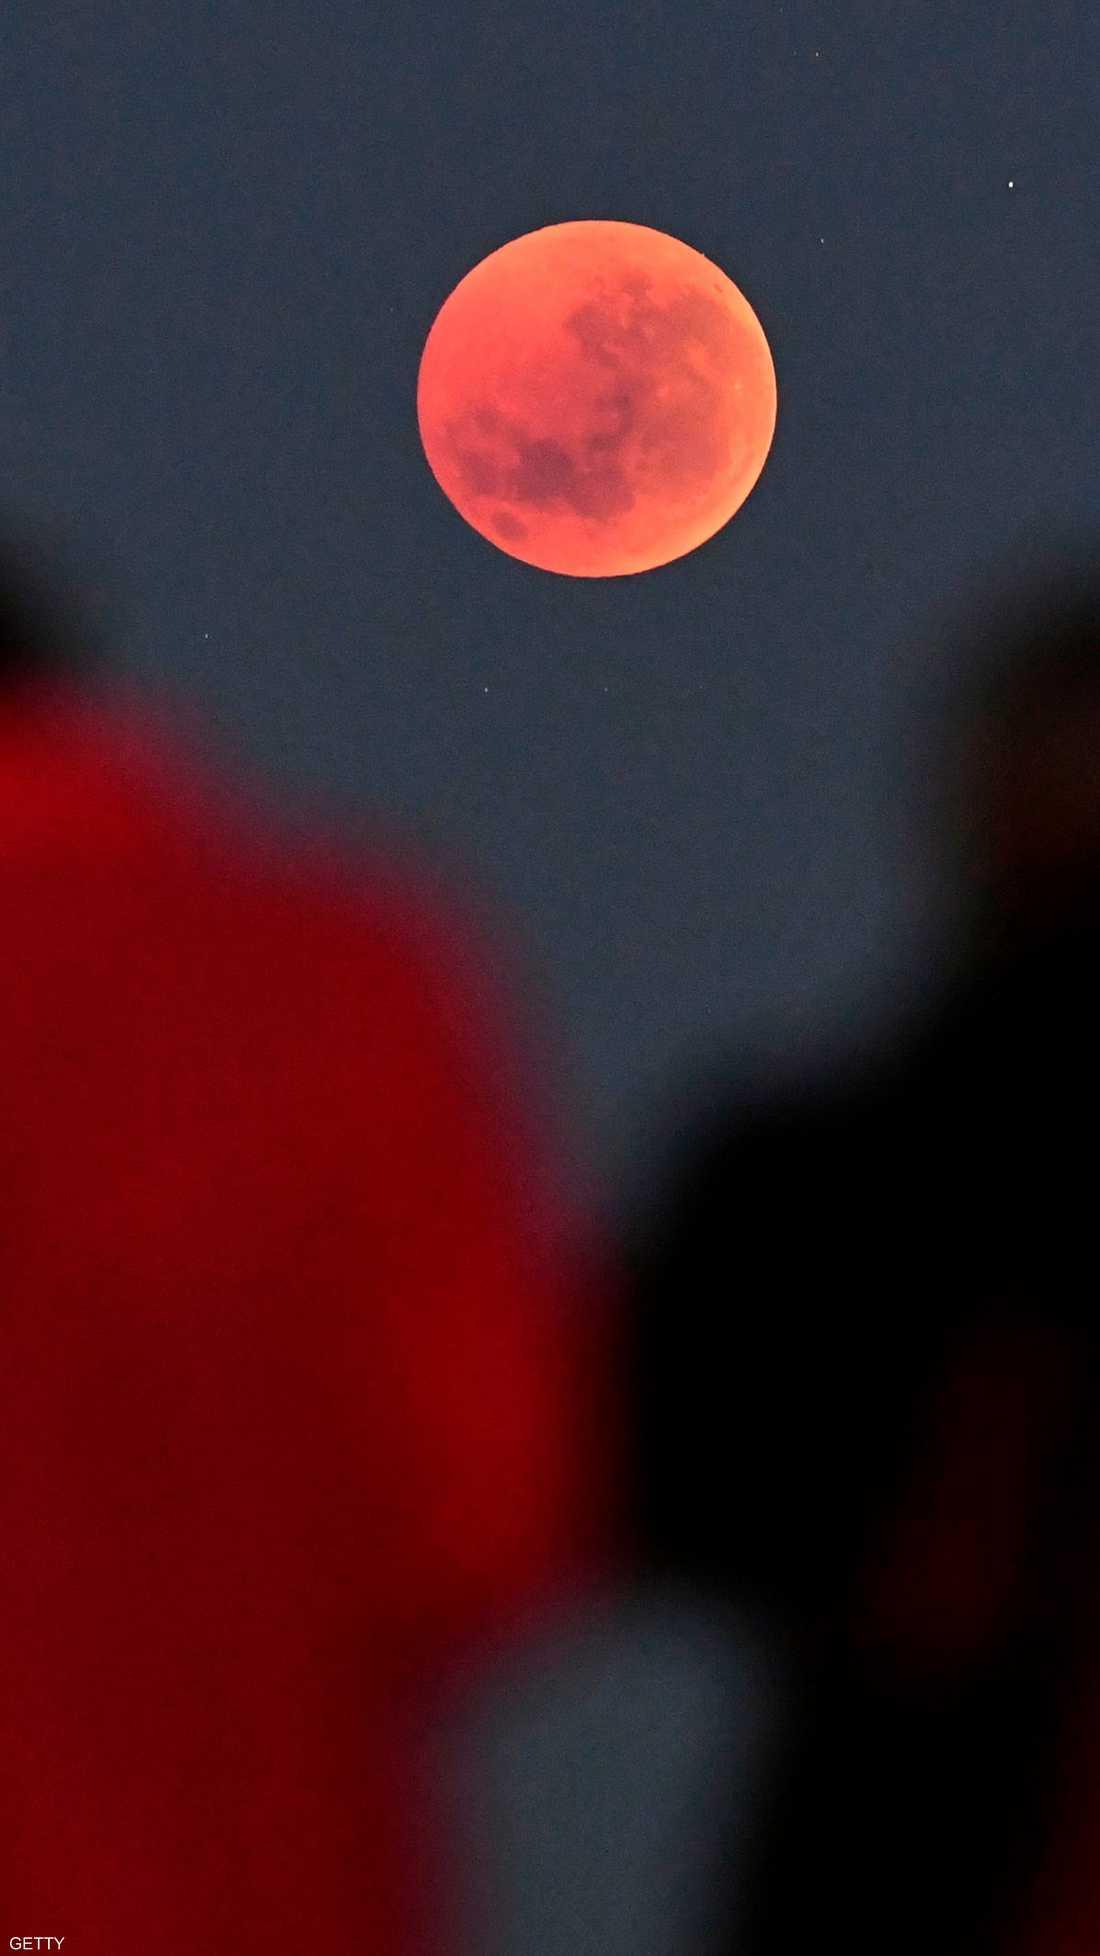 بعض مناطق العالم شهدت قمر الذئب الدموي ليل الأحد